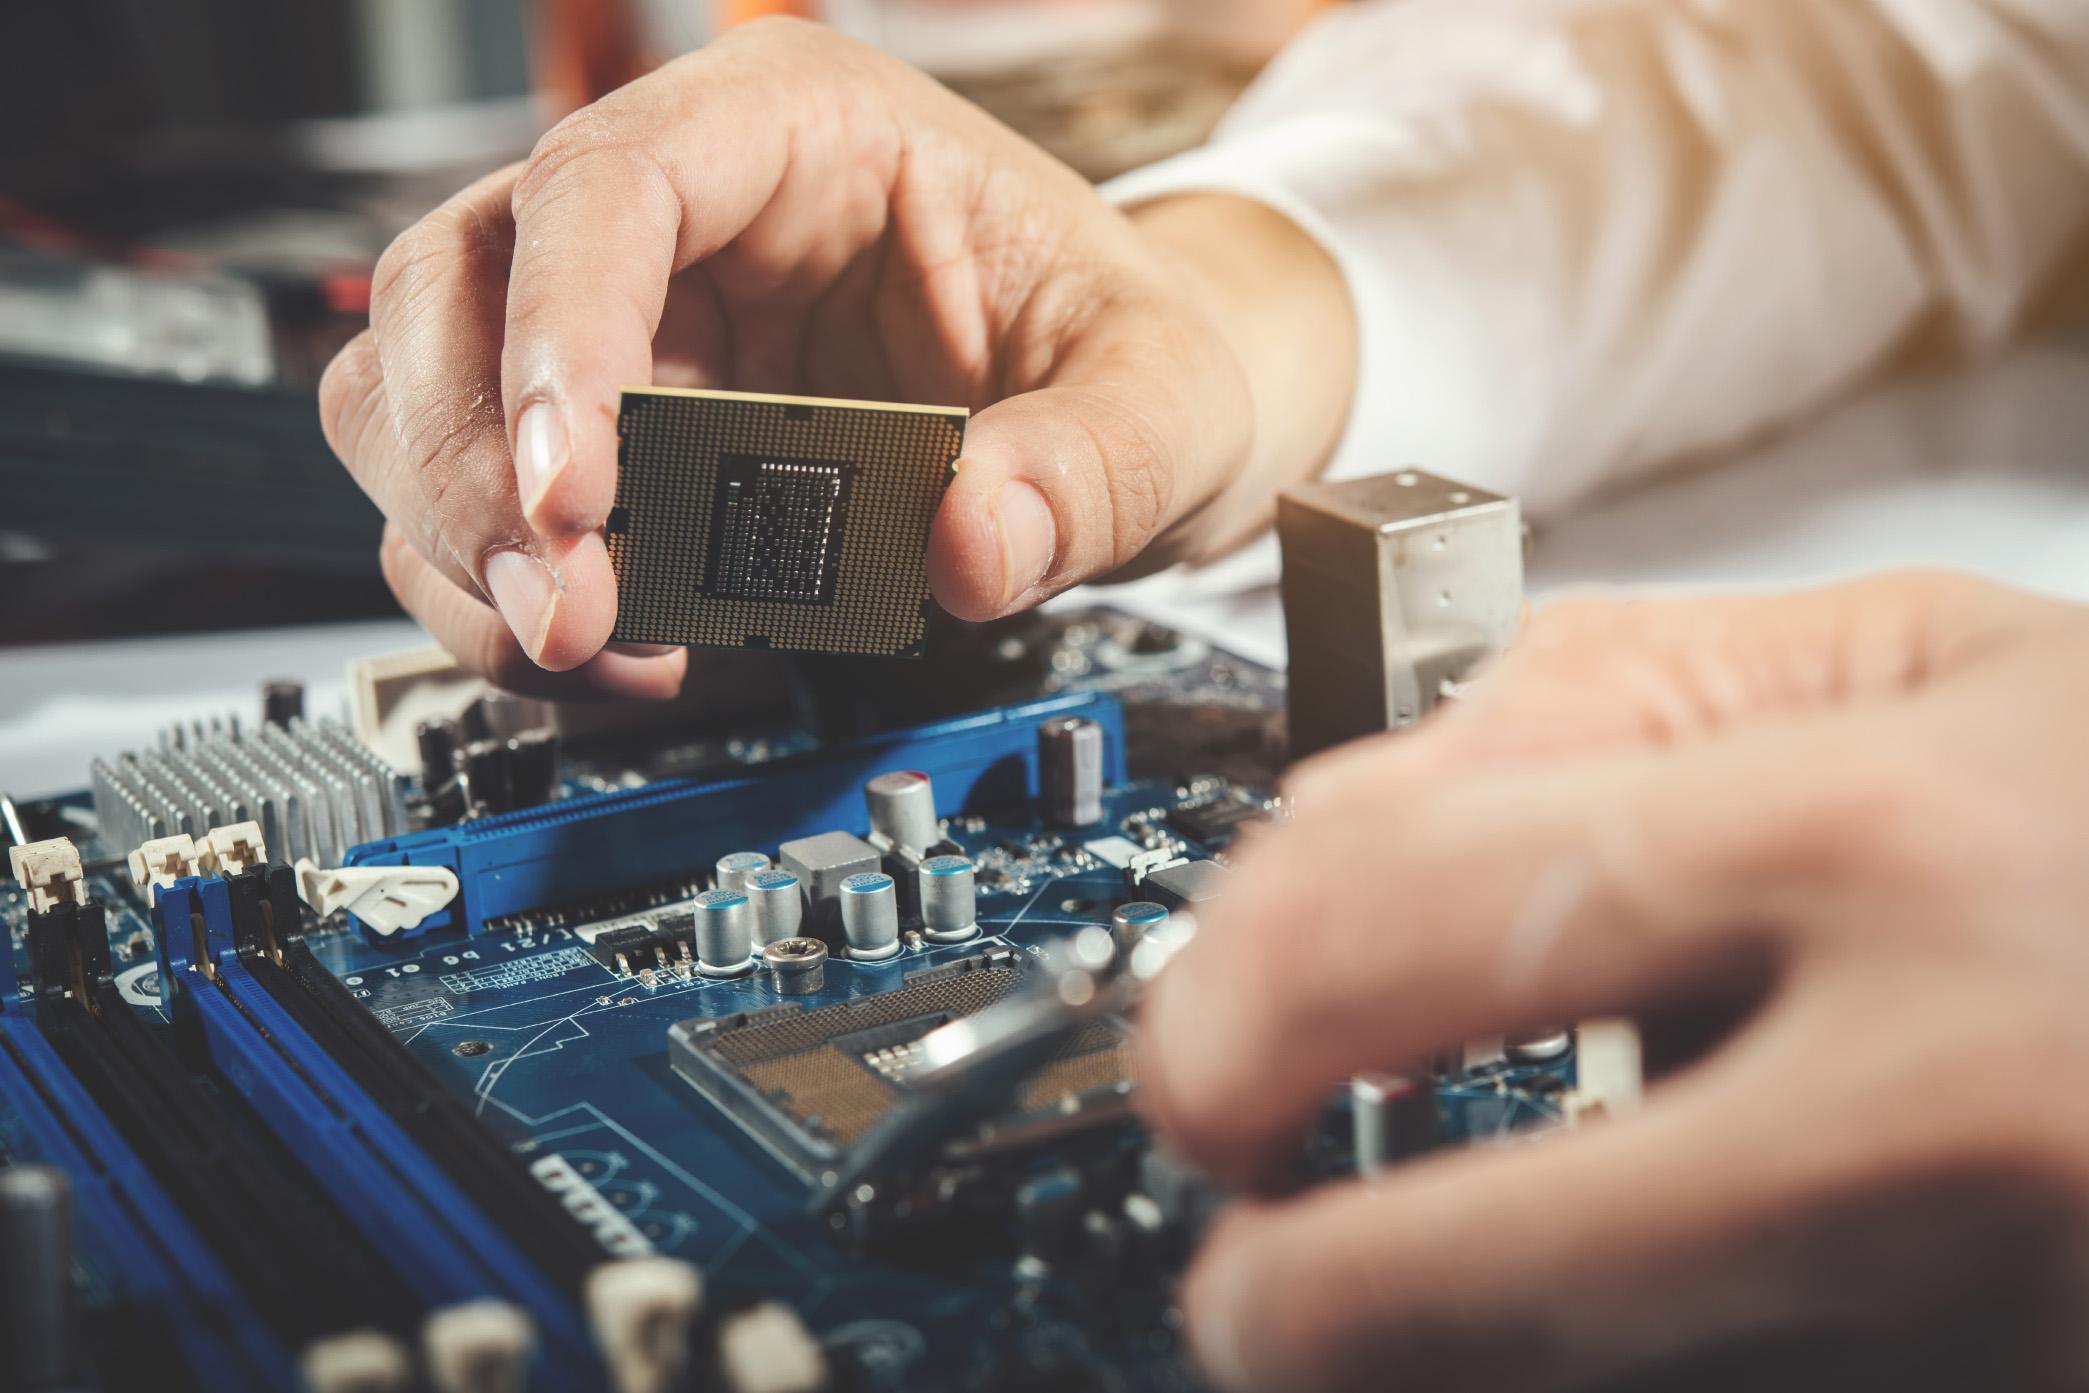 Réparation ordinateur, PC, Mac, MacBook à Chambéry